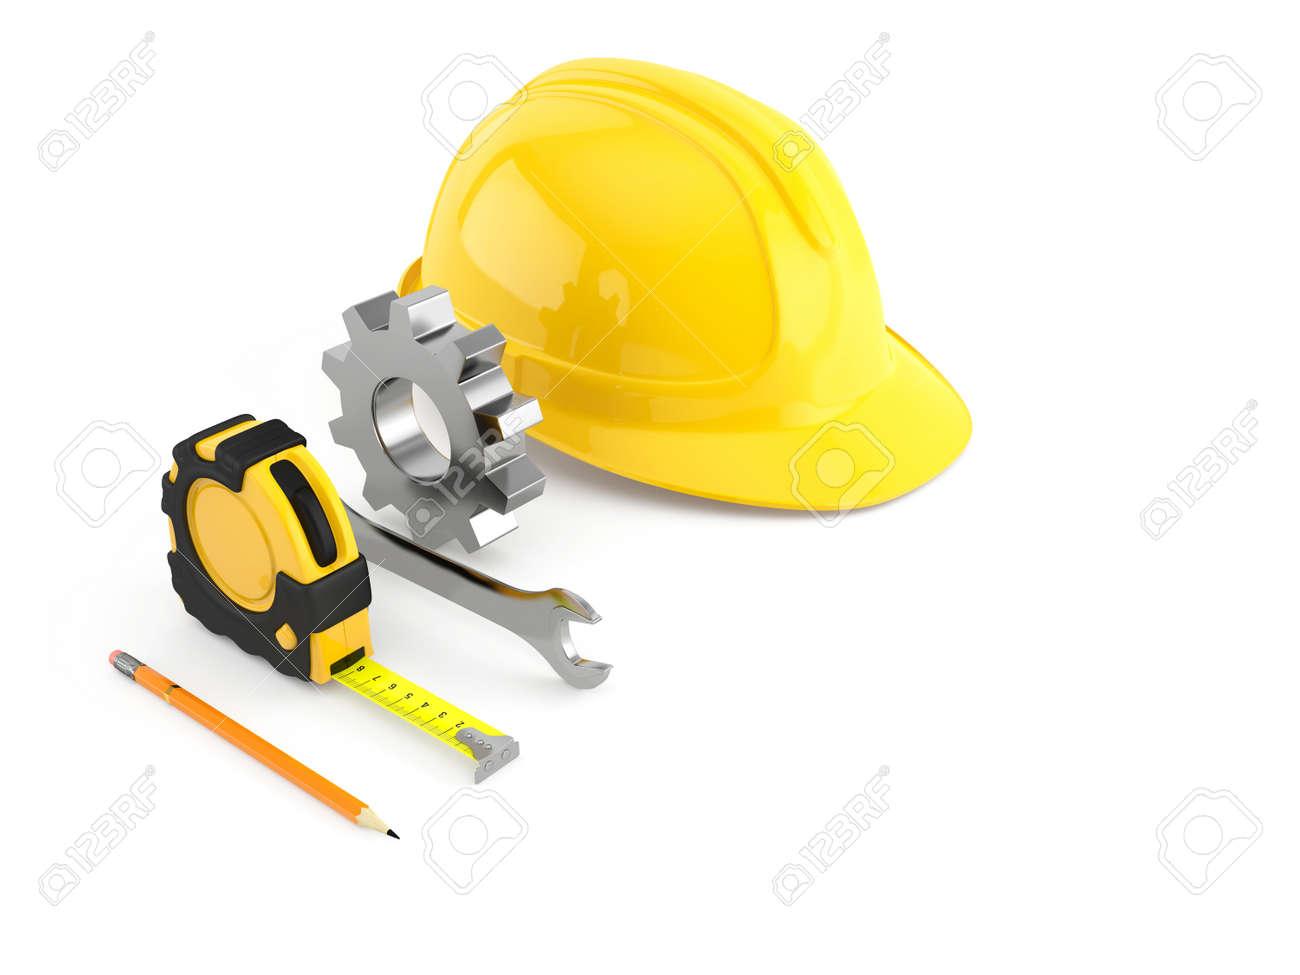 c9fd366c9 Conjunto de herramientas de construcción y de ingeniería. casco amarillo,  llave, engranaje, la ruleta, el lápiz aislado en el fondo blanco. ...